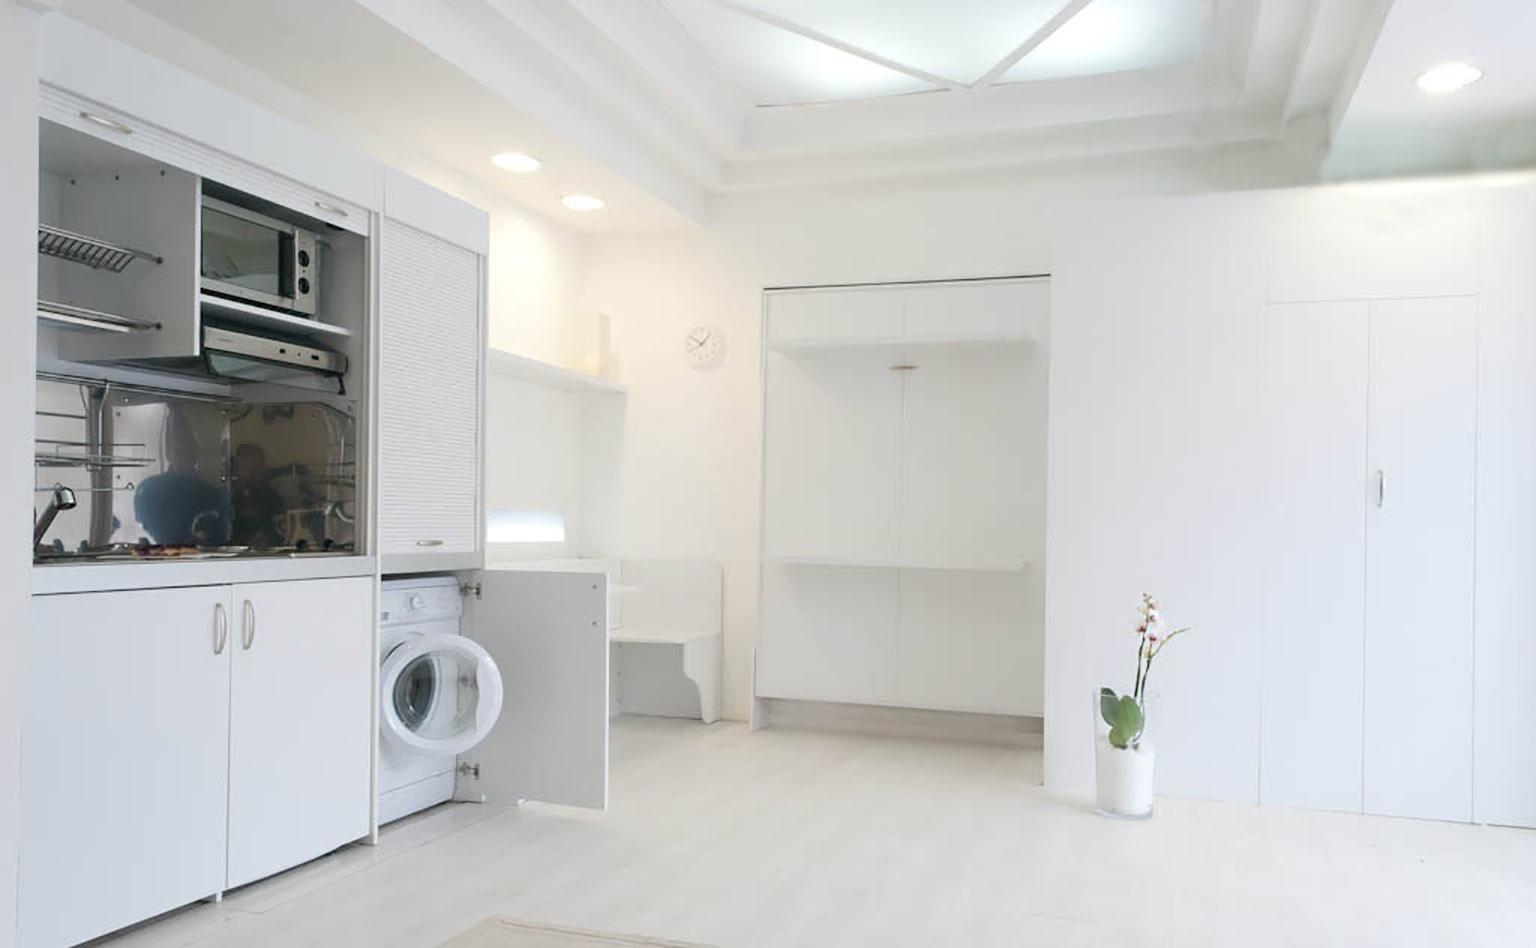 Cucina armadio letto singolo o doppio letto - Cucina doppio angolo ...